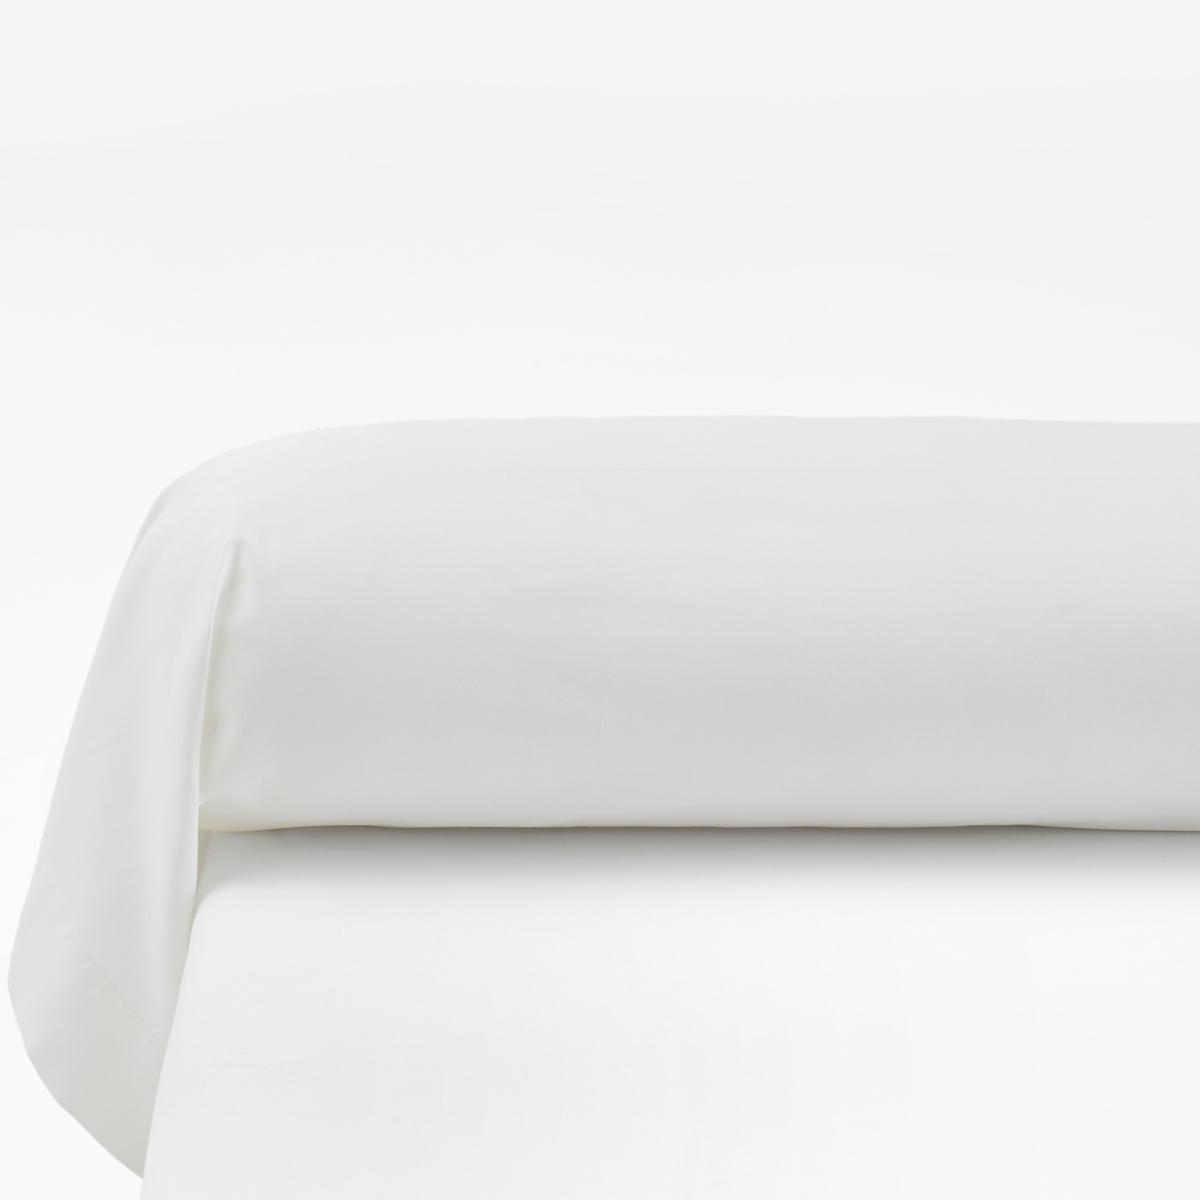 Наволочки на подушку-валик из однотонного хлопкового сатинаНаволочки на подушку-валик из сатина 100% хлопка, шелковистой, эластичной и мягкой ткани  .Описание наволочки :отделка перламутровыми пуговицами.Из 100% мягкого хлопка с ультраплотным переплетением нитей (118 нитей/см?). Чем плотнее переплетение нитей/см?, тем выше качество материала.Стирка при 60°, легкая глажка.Наволочки качества BEST, гарантия 2 годаЗнак Oeko-Tex® гарантирует отсутствие вредных для здоровья человека веществ в протестированных и сертифицированных изделиях.Наволочка на подушку-валик  :85 x 185 смВесь набор постельного белья вы можете найти на сайте laredoute.ru<br><br>Цвет: темно-серый<br>Размер: 85 x 185 см